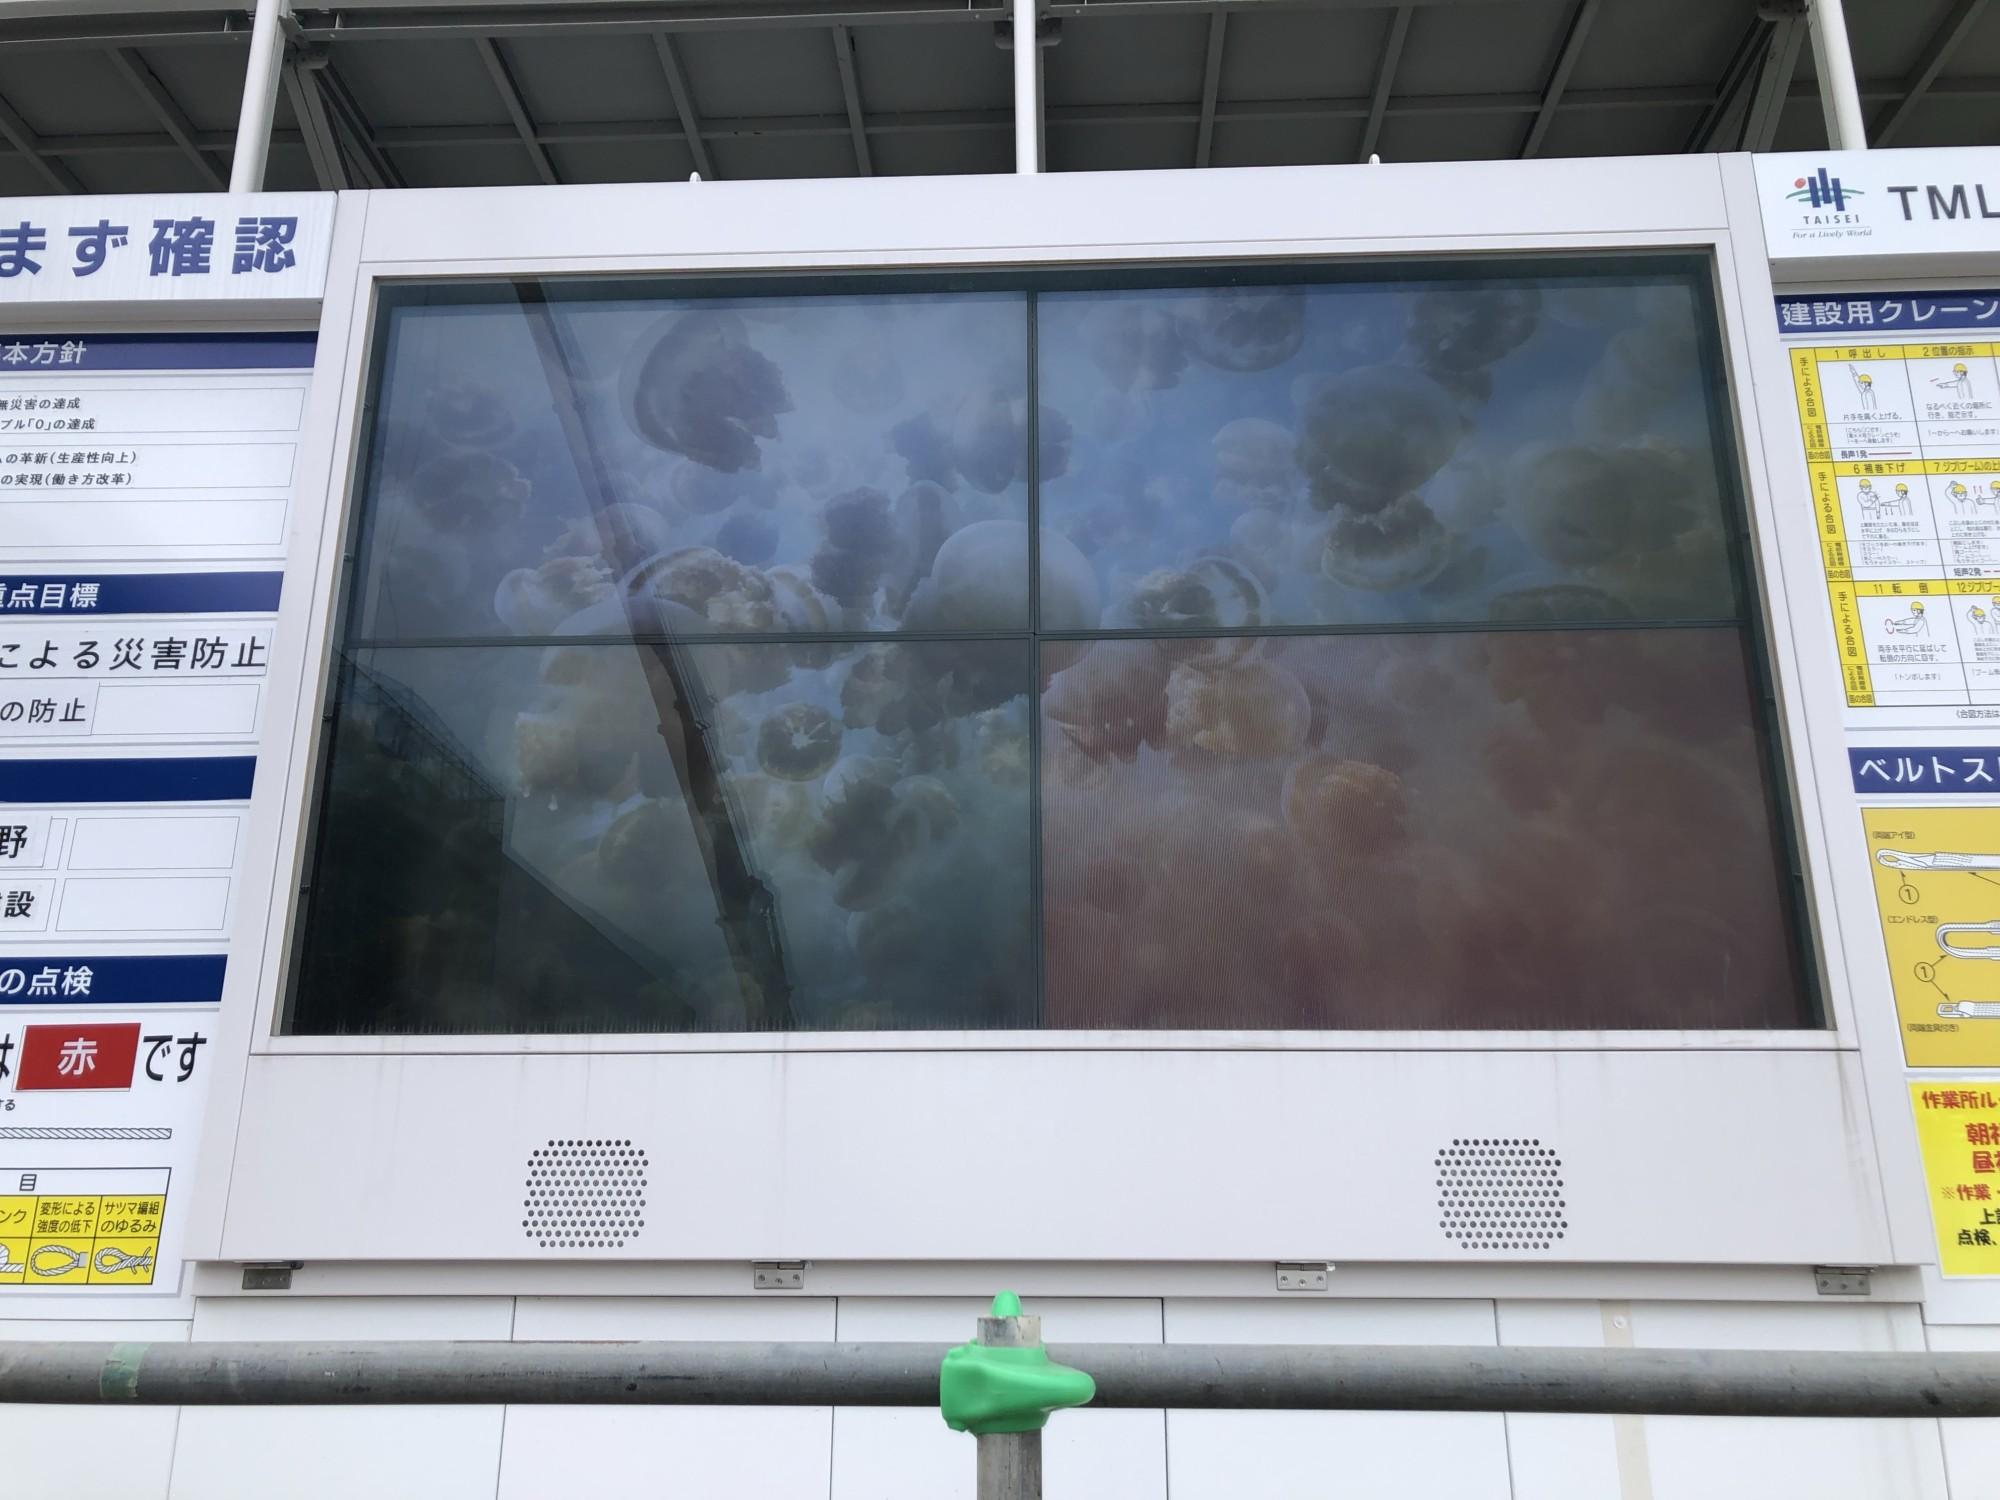 仙台市サイネージ修理